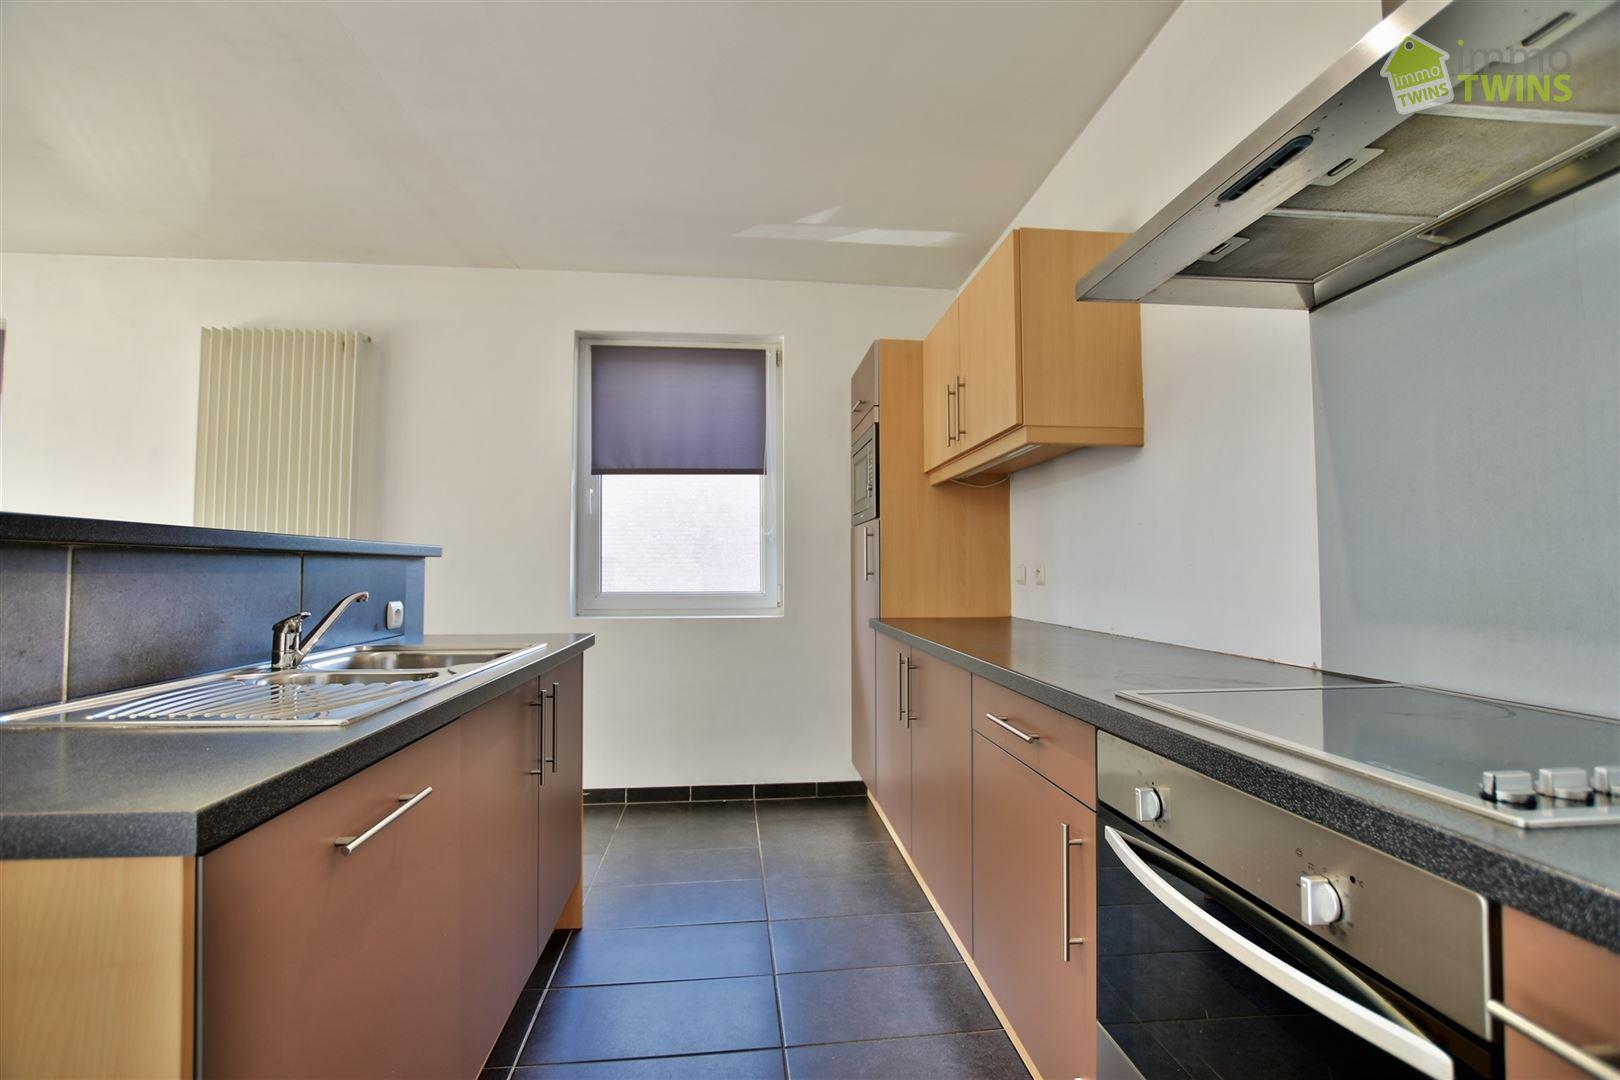 Foto 5 : Appartement te 9200 Sint-Gillis-bij-Dendermonde (België) - Prijs € 219.000